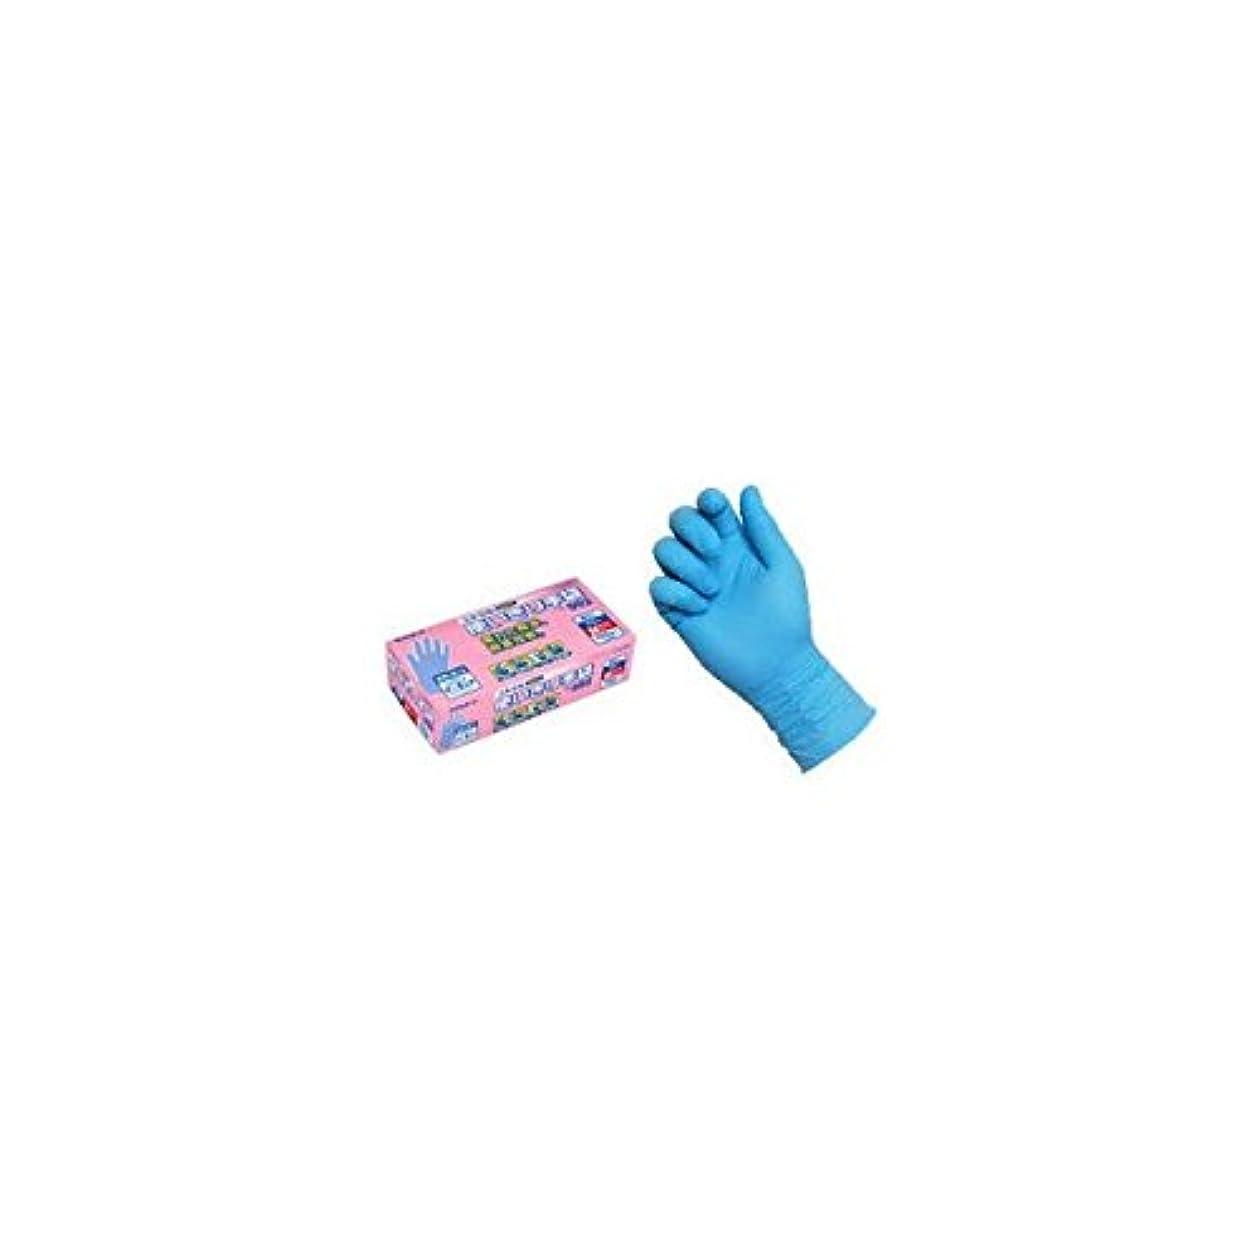 電子悪い部族ニトリル使いきり手袋 PF NO.992 S ブルー エステー 【商品CD】ST4762